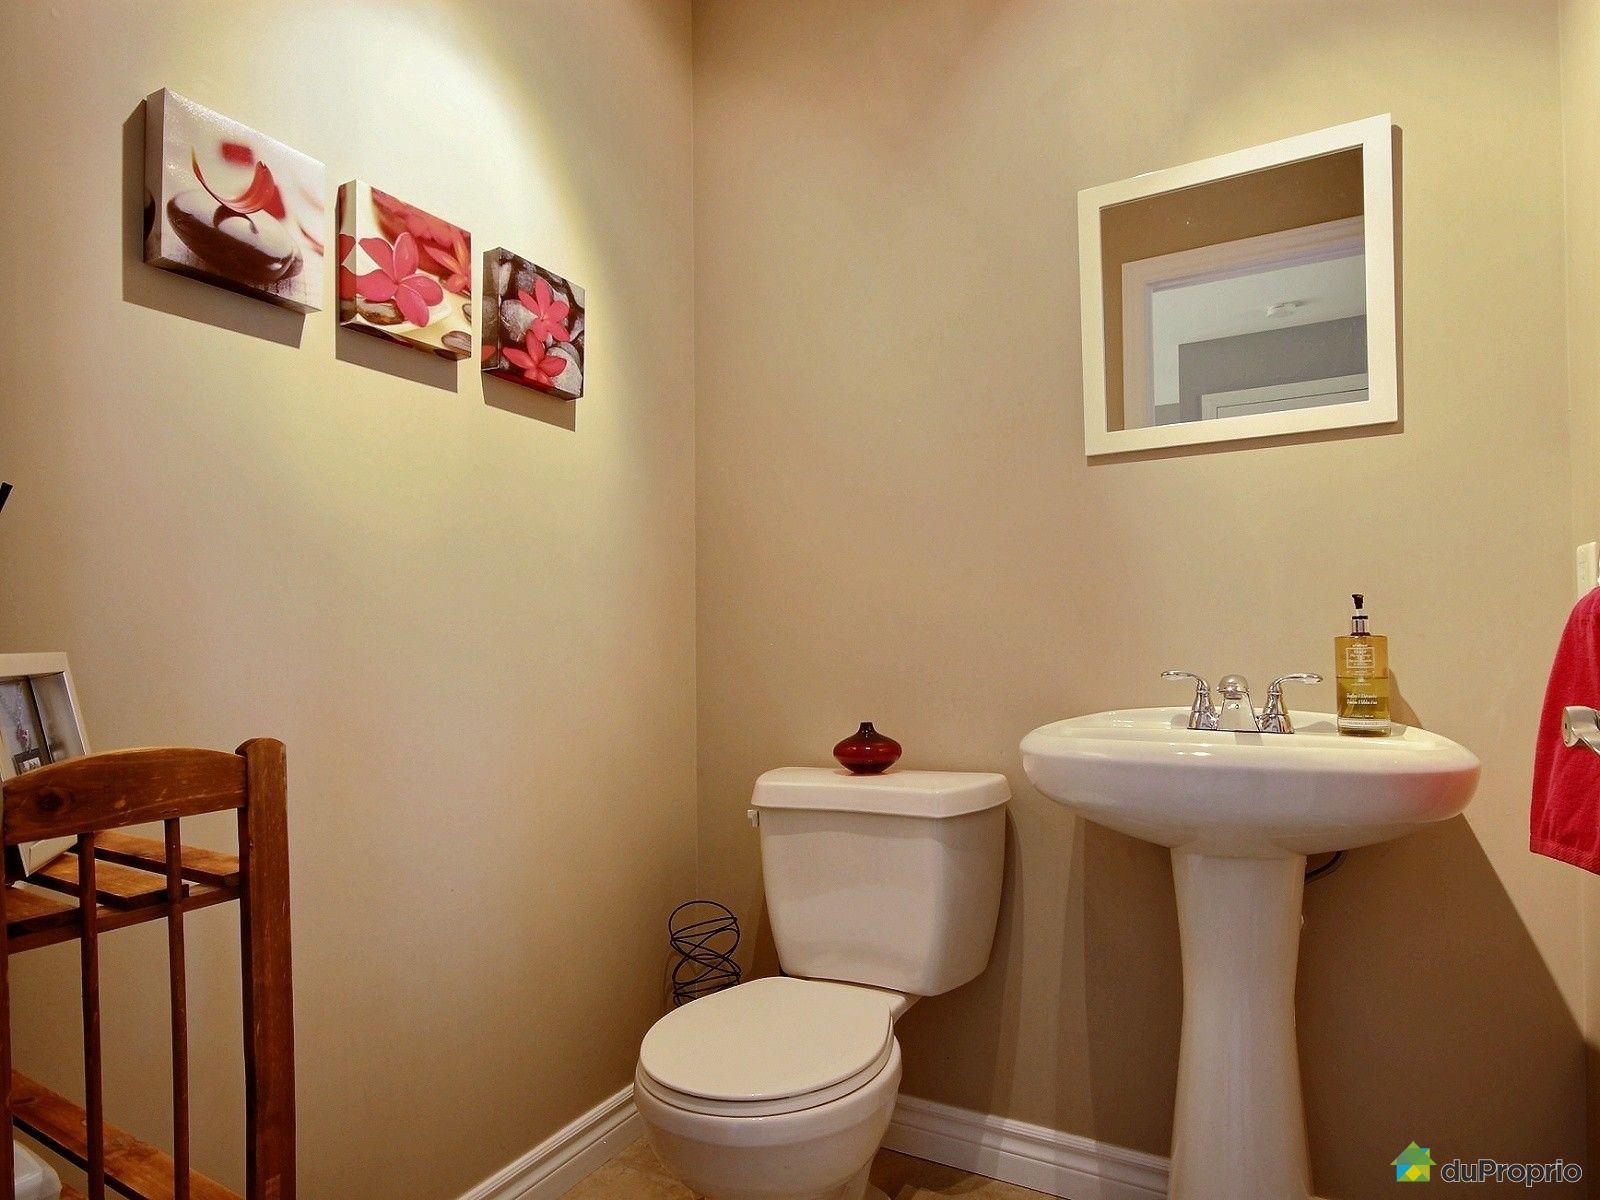 Maison vendre val b lair 1103 rue joviale immobilier - Salle d eau 2m2 ...